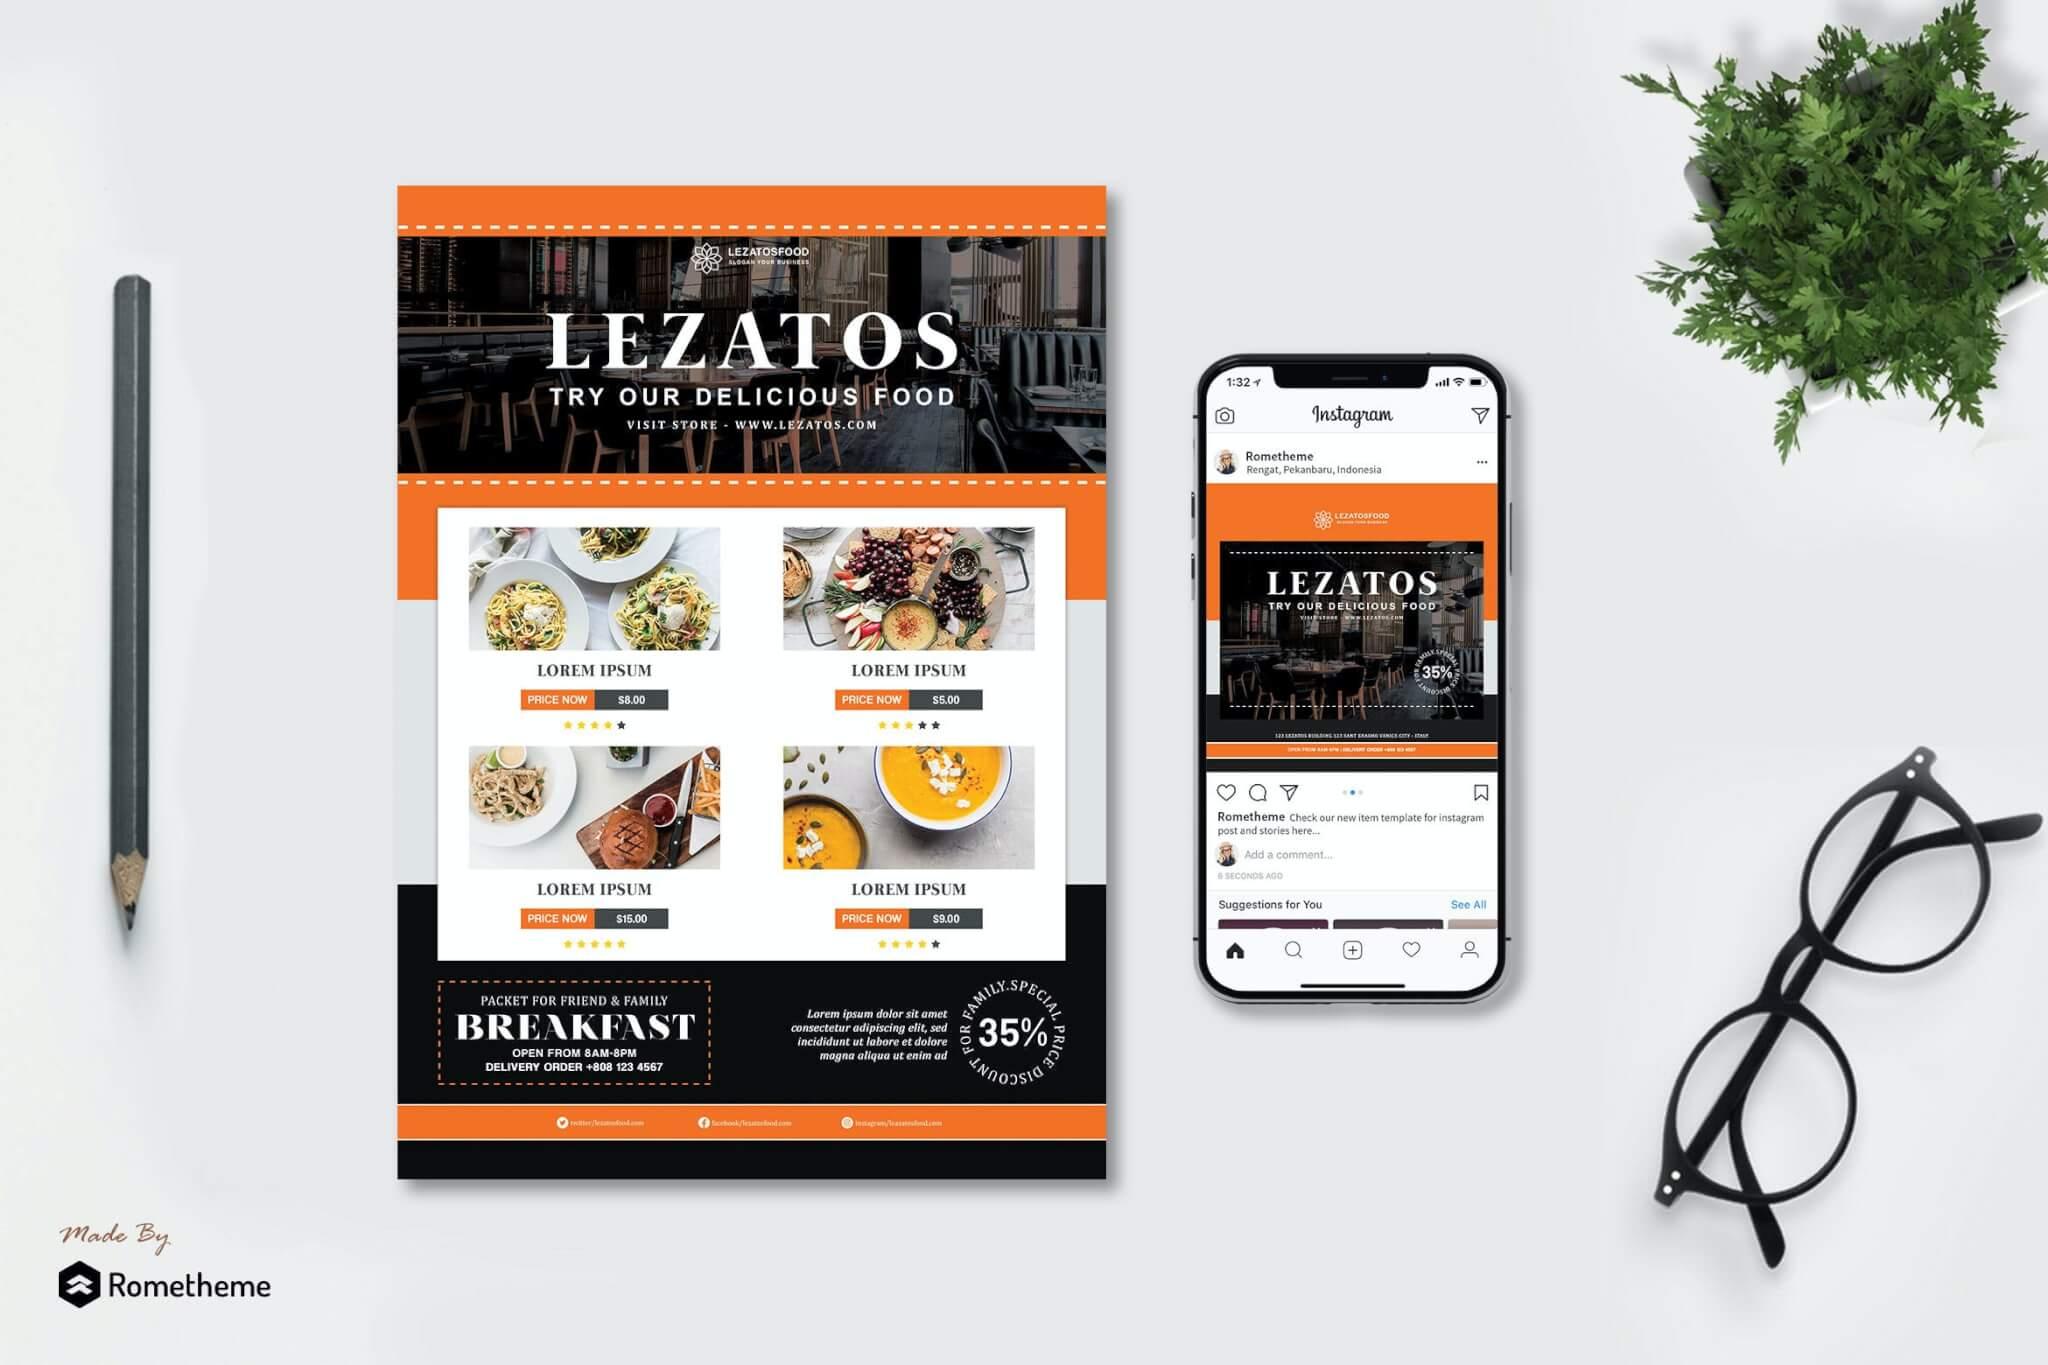 Lezatos-餐厅传单高档海报设计素材